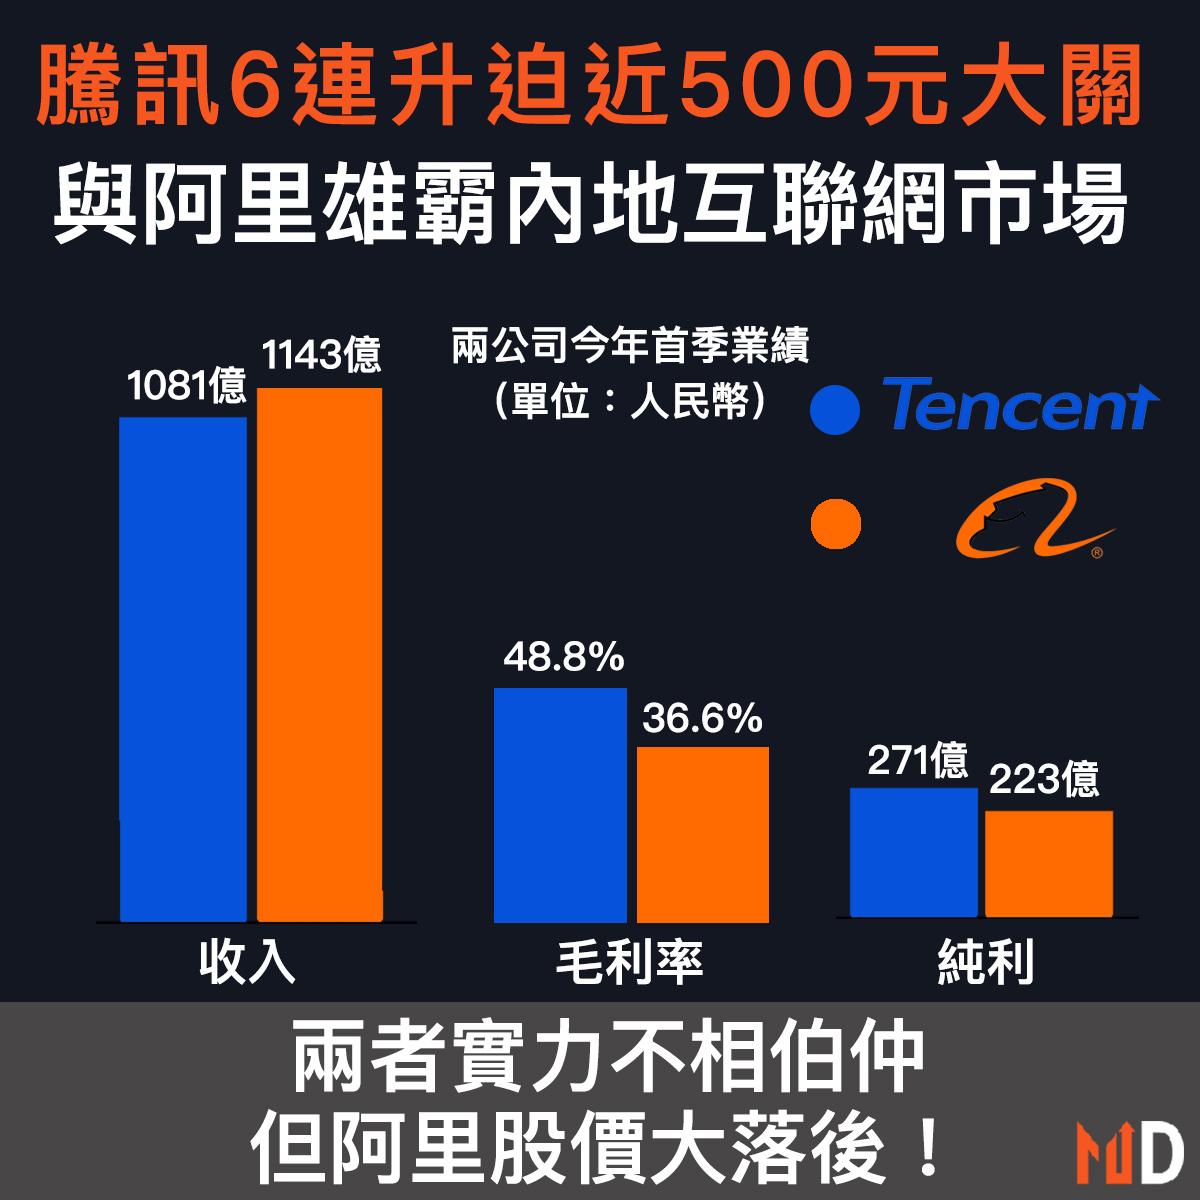 【熱門股對決】騰訊6連升迫近500大關,與阿里雄霸內地互聯網市場